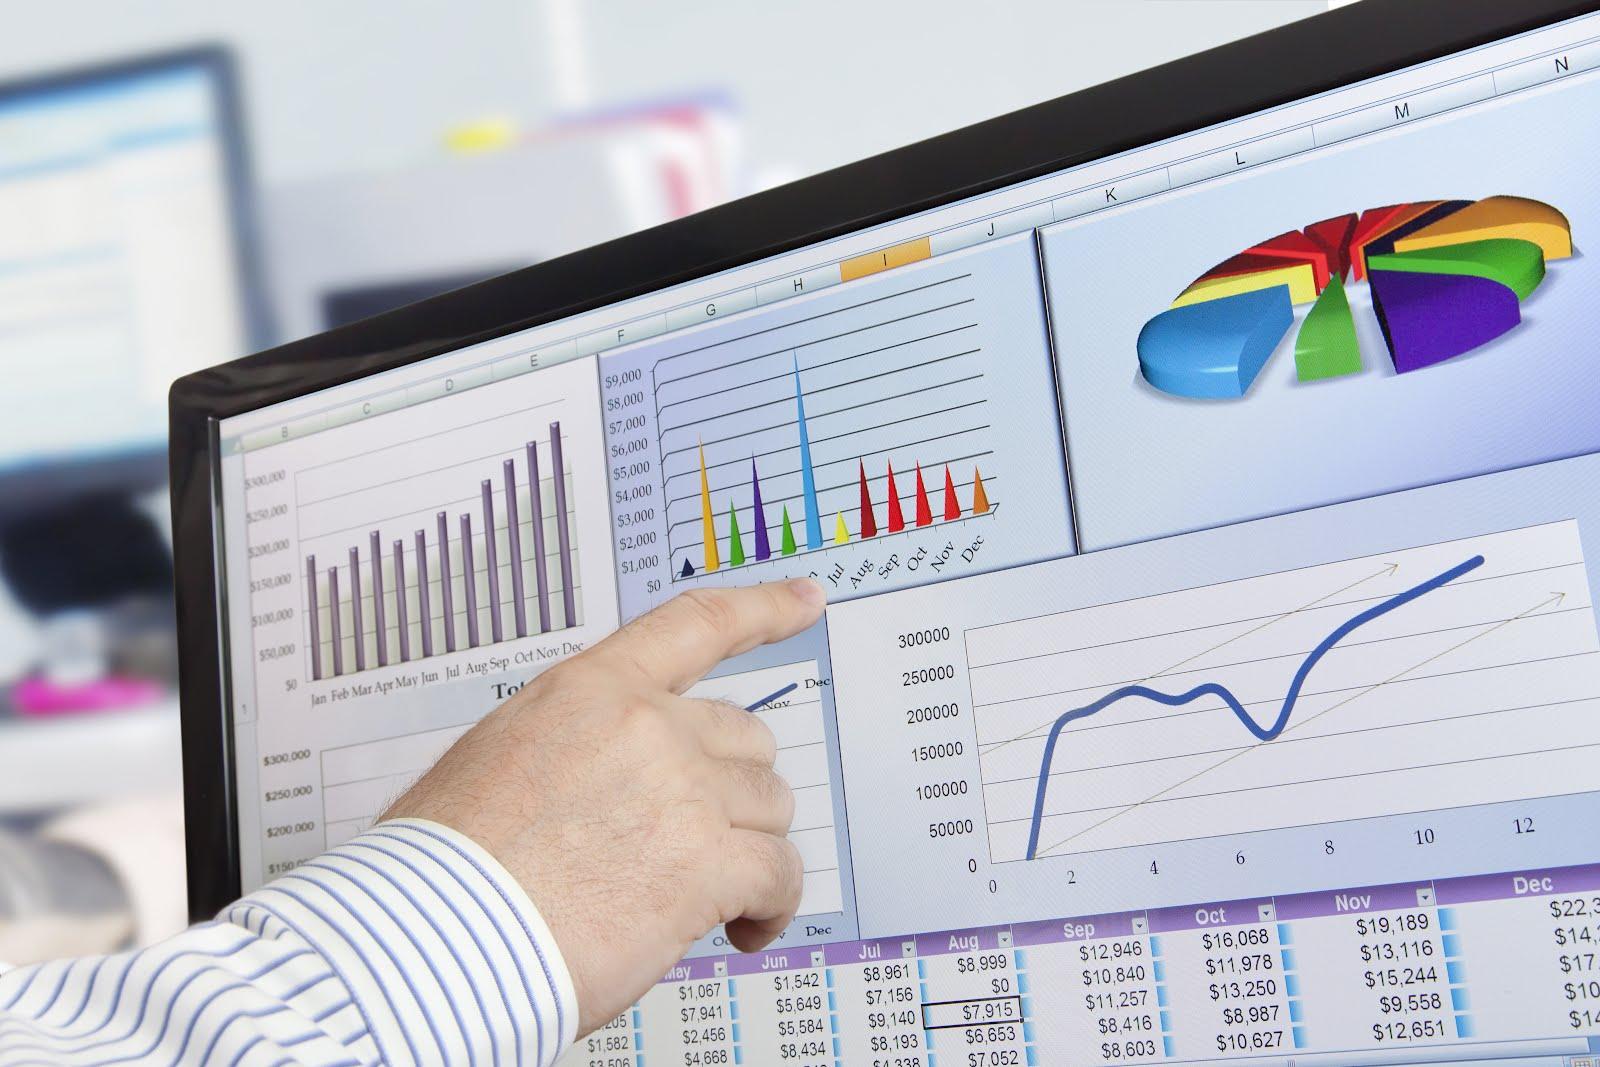 La integración de estas dos herramientas ayuda a visualizar de forma detallada todos los datos generados por las campañas de marketing digital.